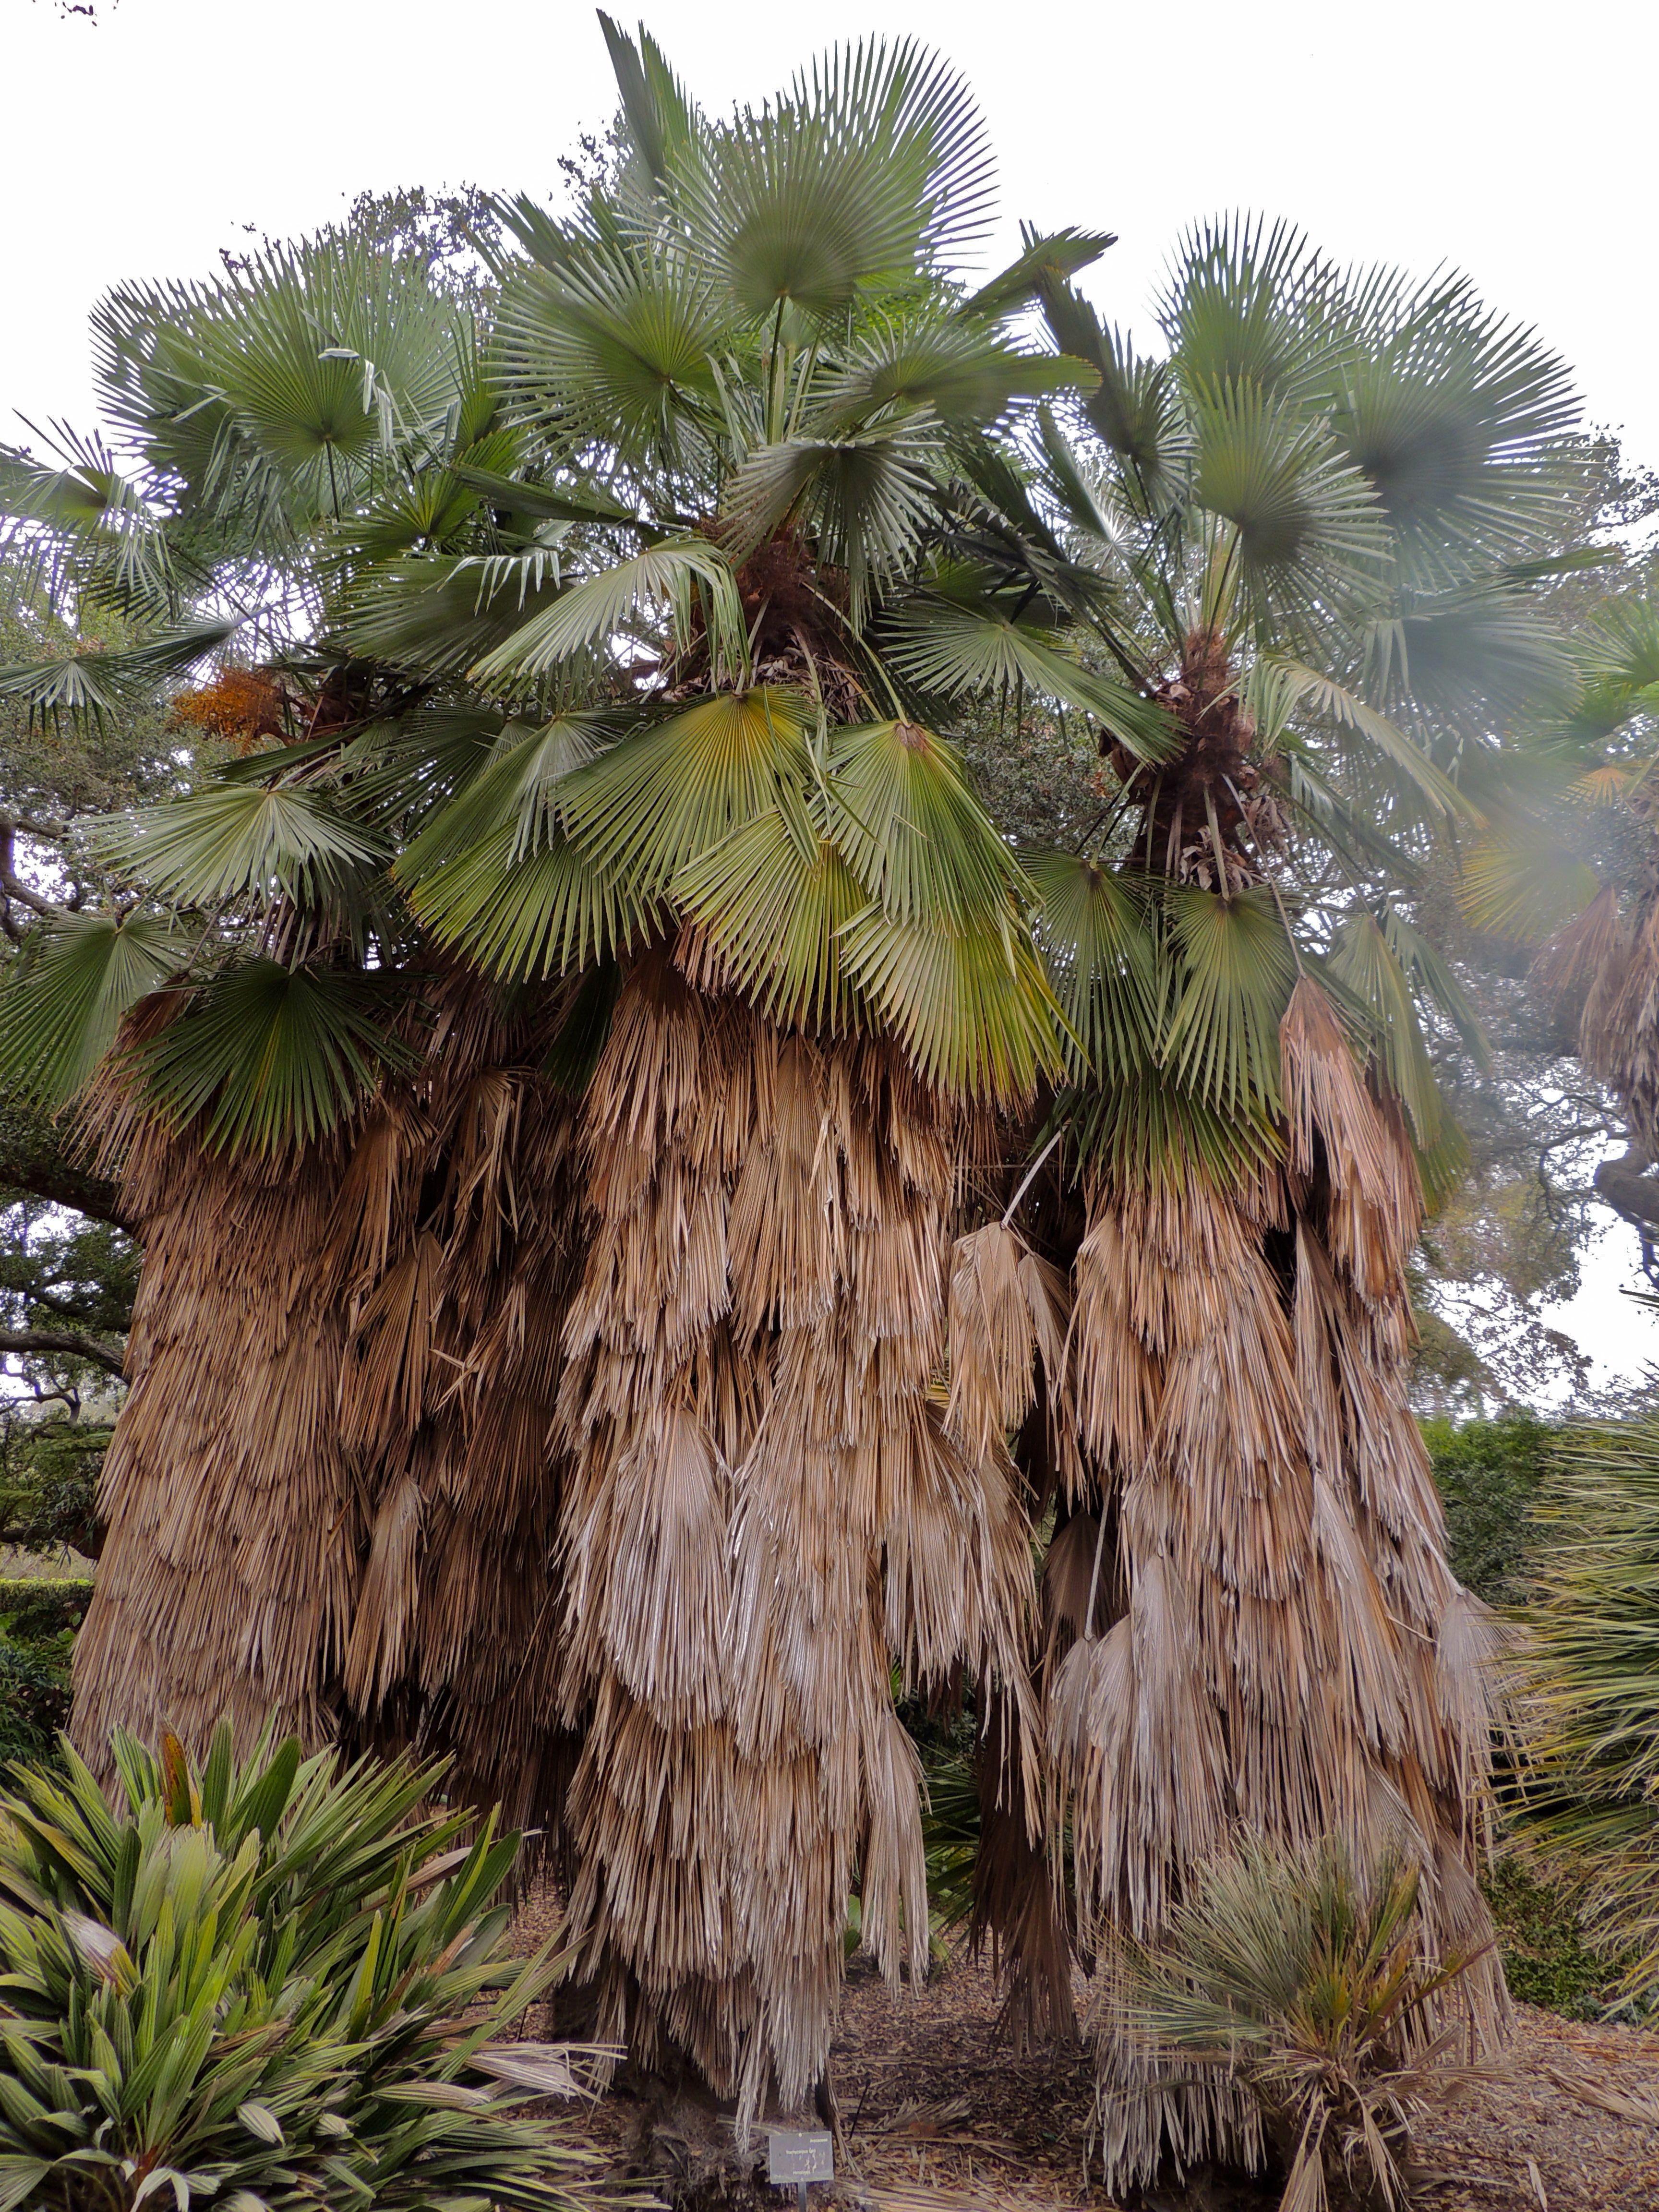 Trachycarpus Takil Lotusland, Santa Barbara, California Santa Barbara Californiapalm Treespalmscoldpalmas